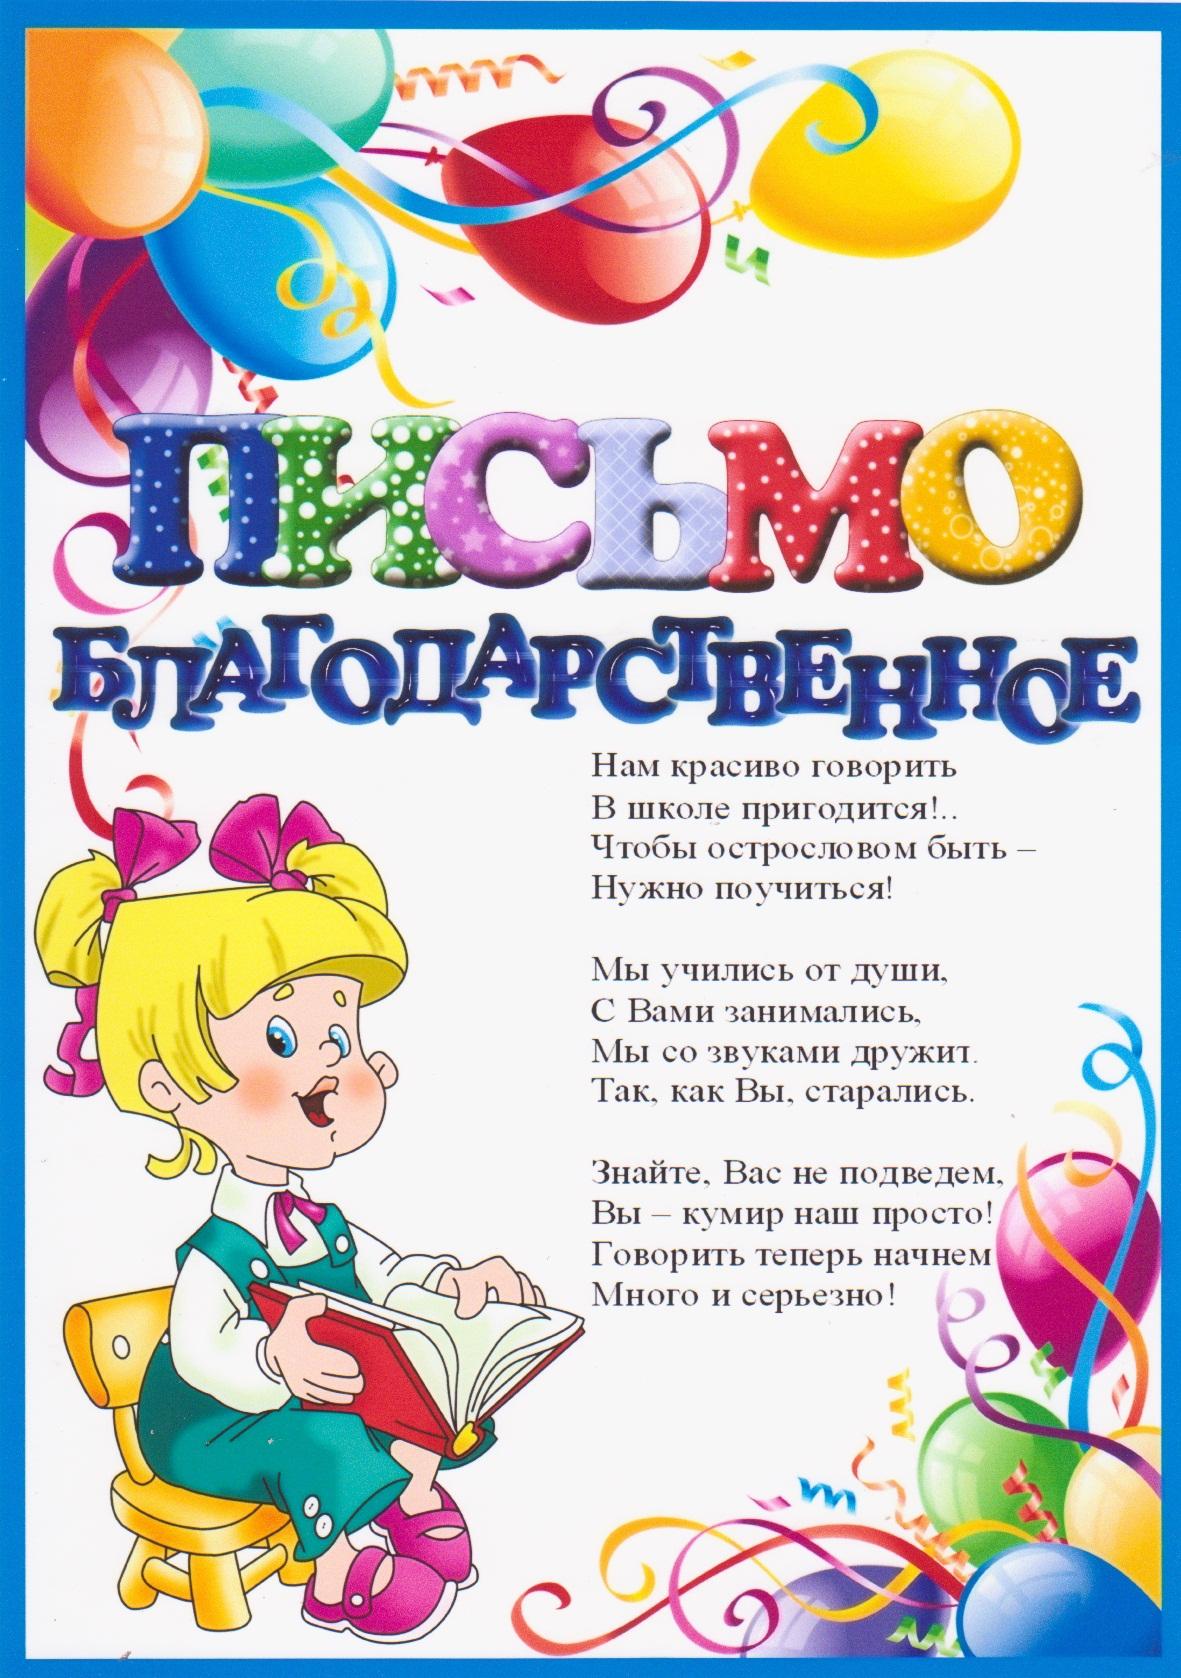 Поздравления персоналу детского сада